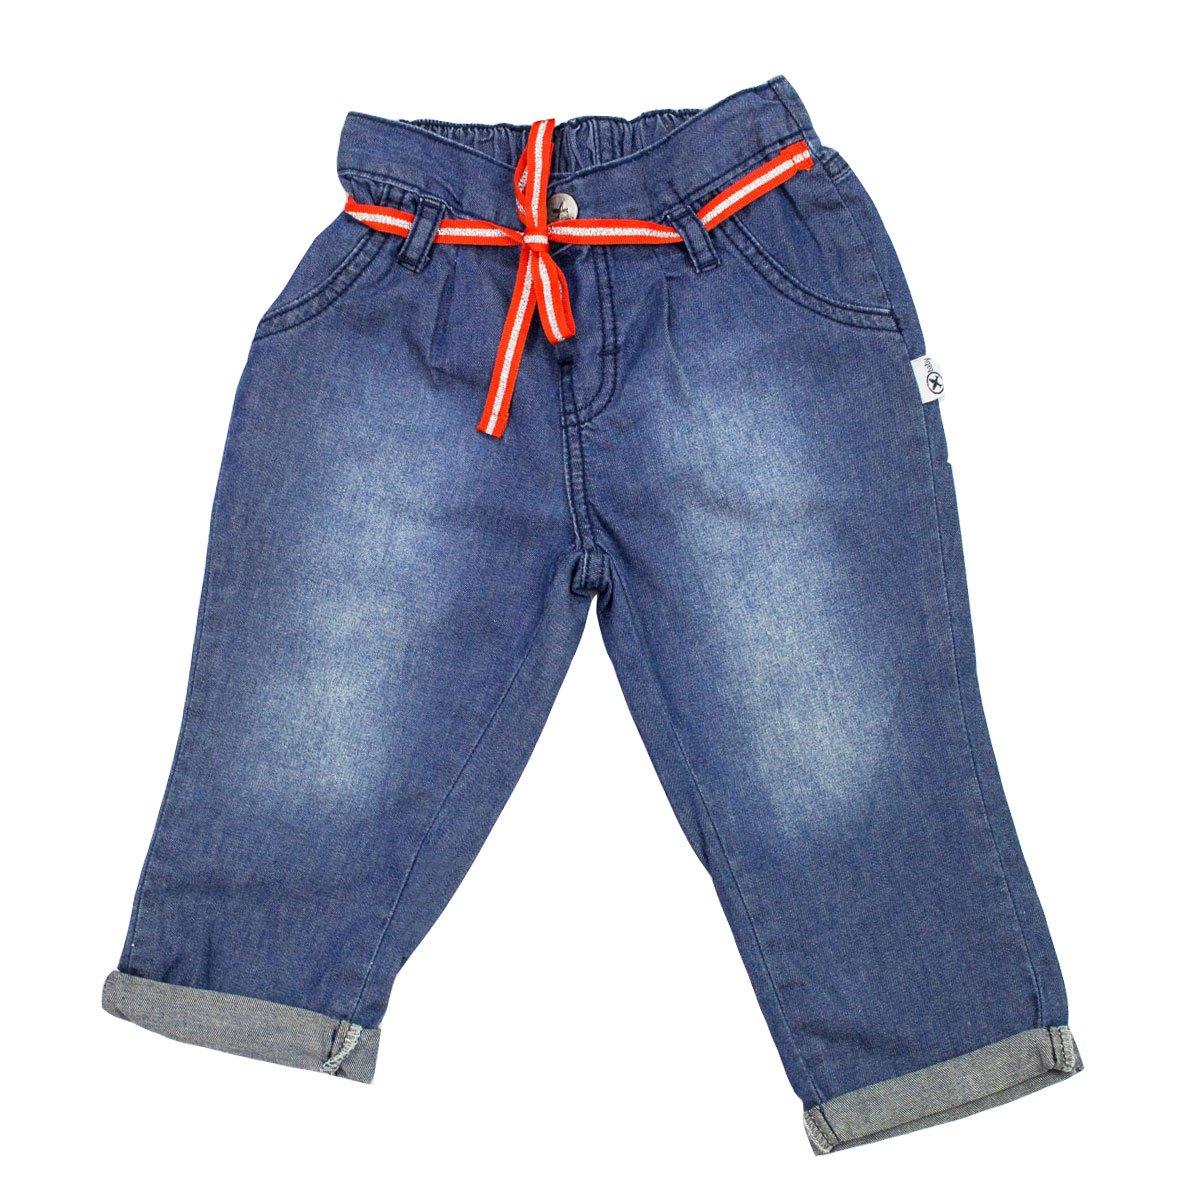 23e29327c Bizz Store - Calça Jeans Bebê Menina Hering Kids Azul